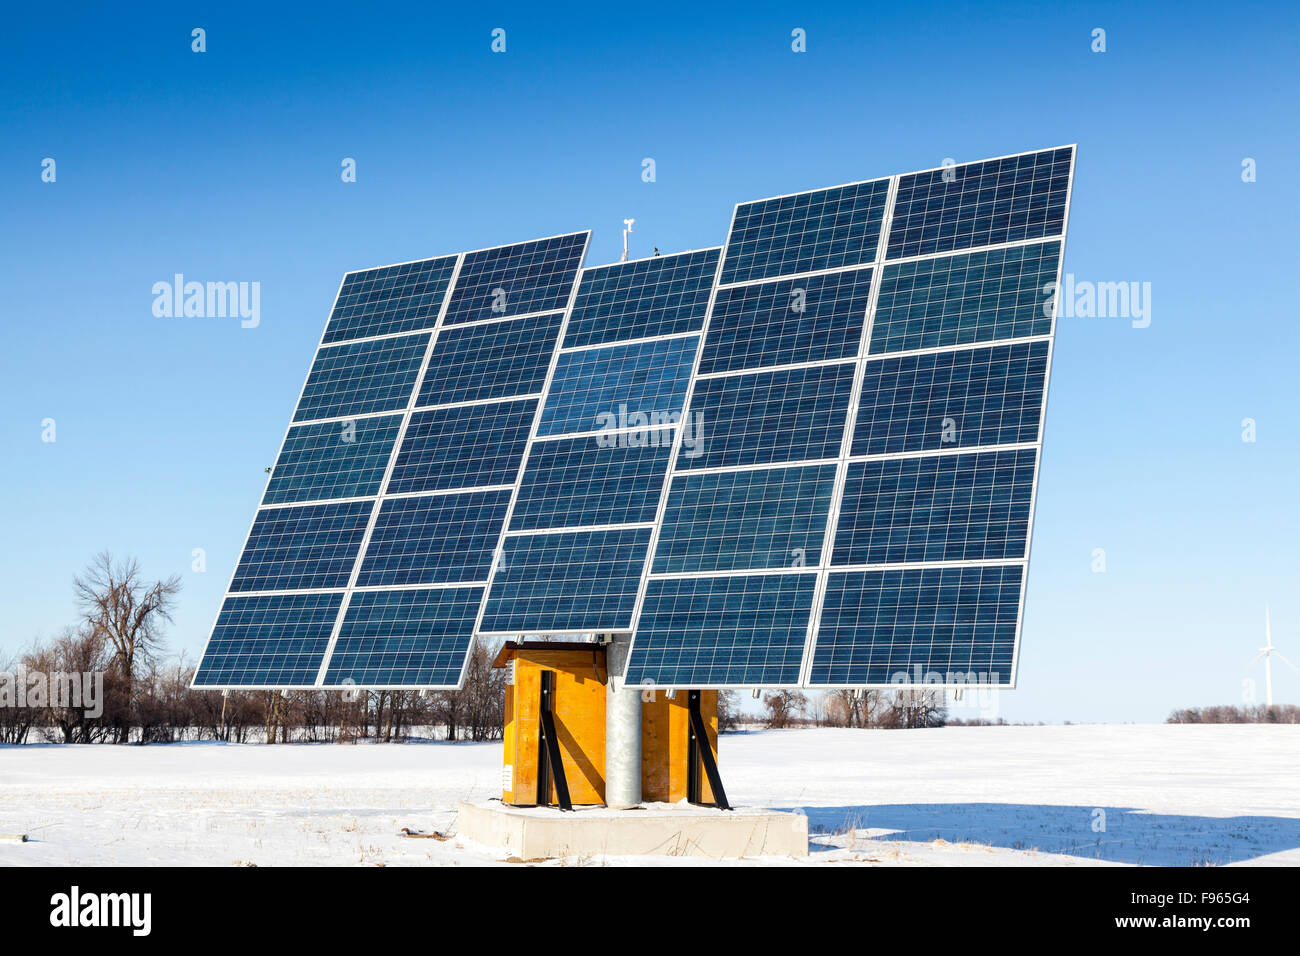 Les panneaux solaires et les éoliennes sur l'île Wolfe, Ontario, Canada Photo Stock